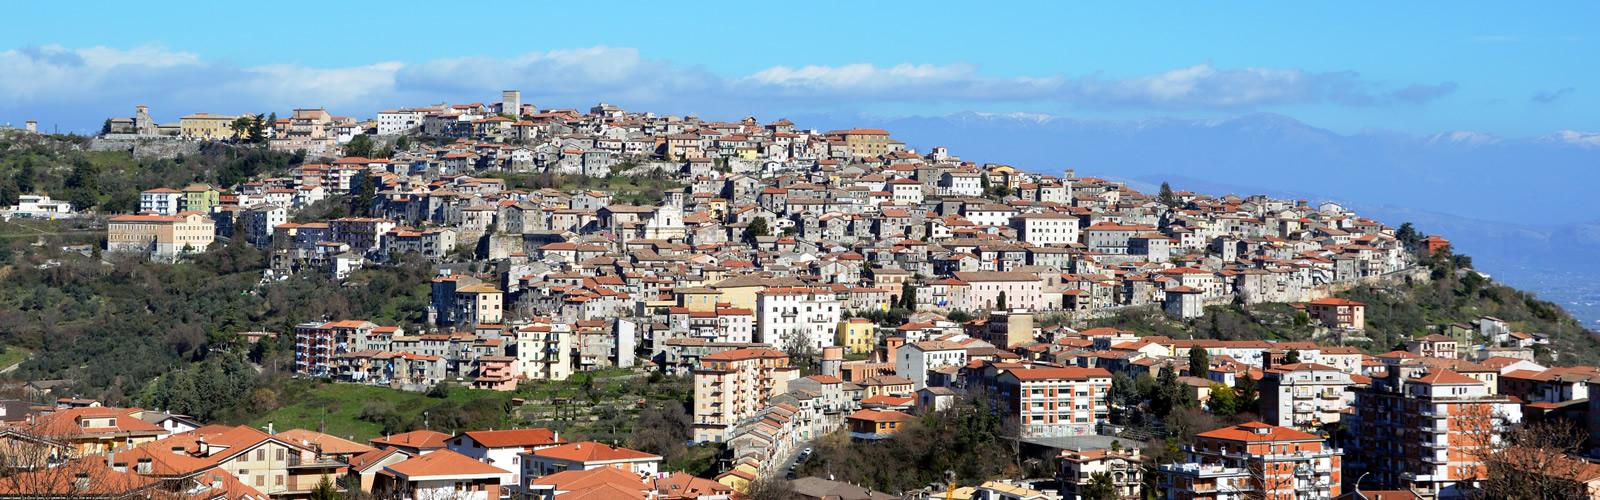 Segni - Vista panoramica - Credits: Comune Segni